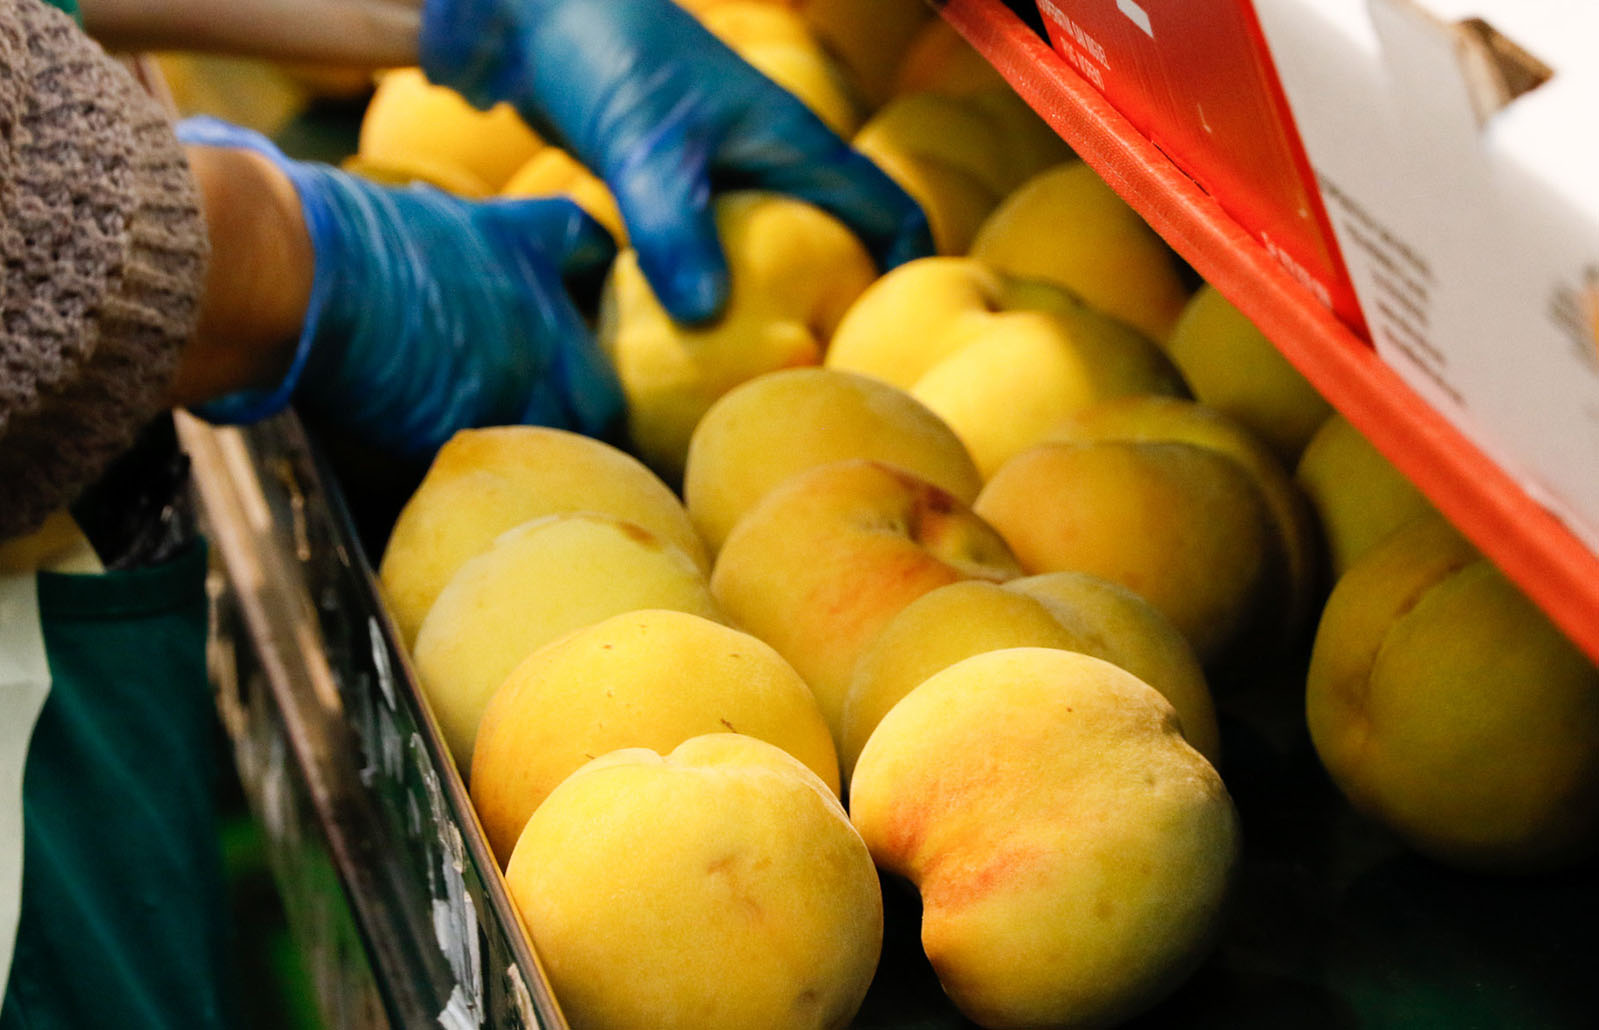 Nuevas denuncias provocan la apertura de expedientes sancionadores a 3 empresas murcianas de la fruta